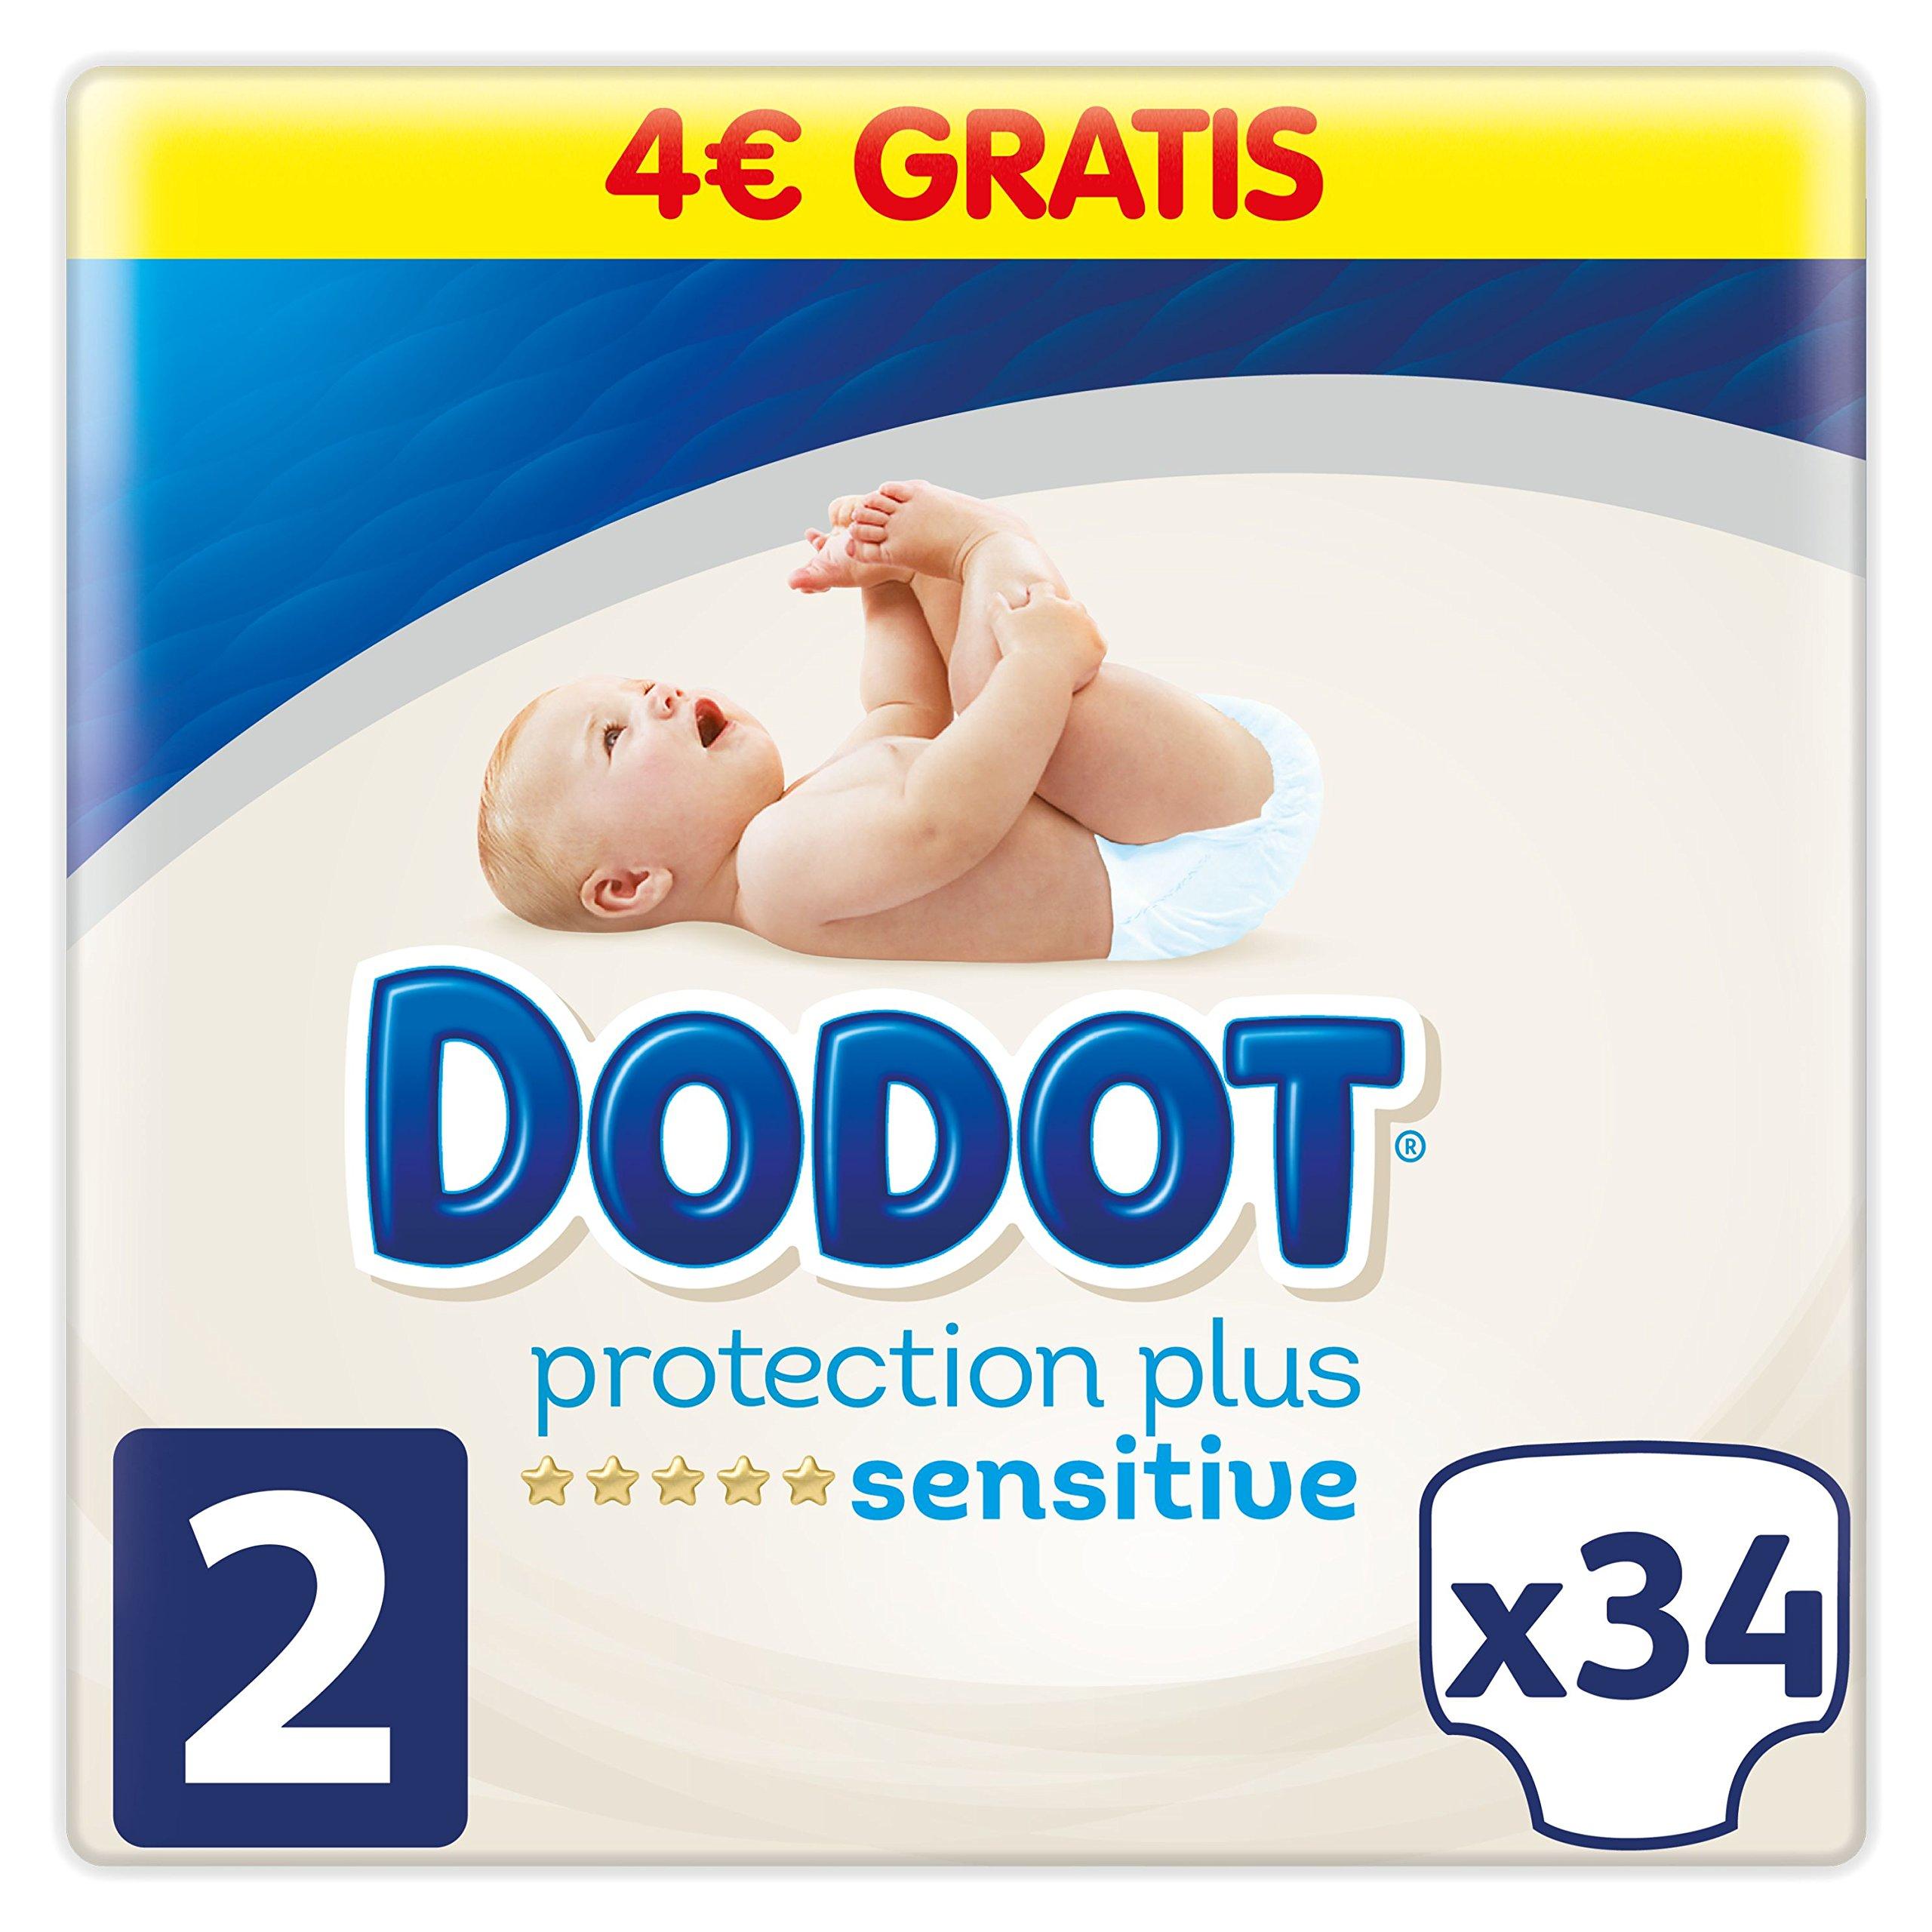 Dodot Pañales Protection Plus Sensitive, Talla 2, para Bebes de 4-8 kg